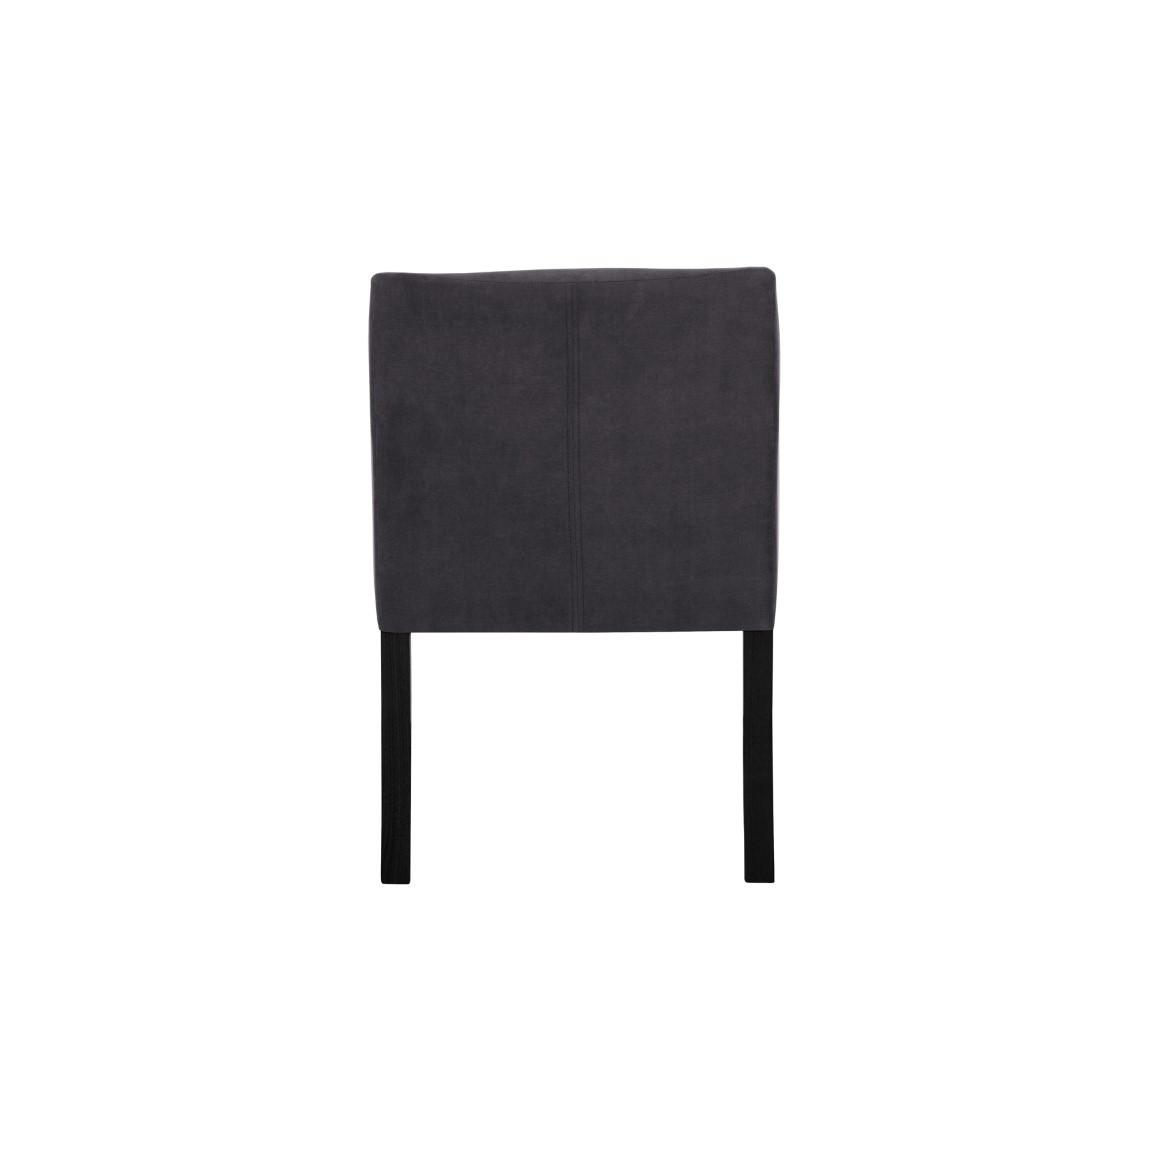 2er-Set Esszimmerstühlen Illusion | Anthrazit